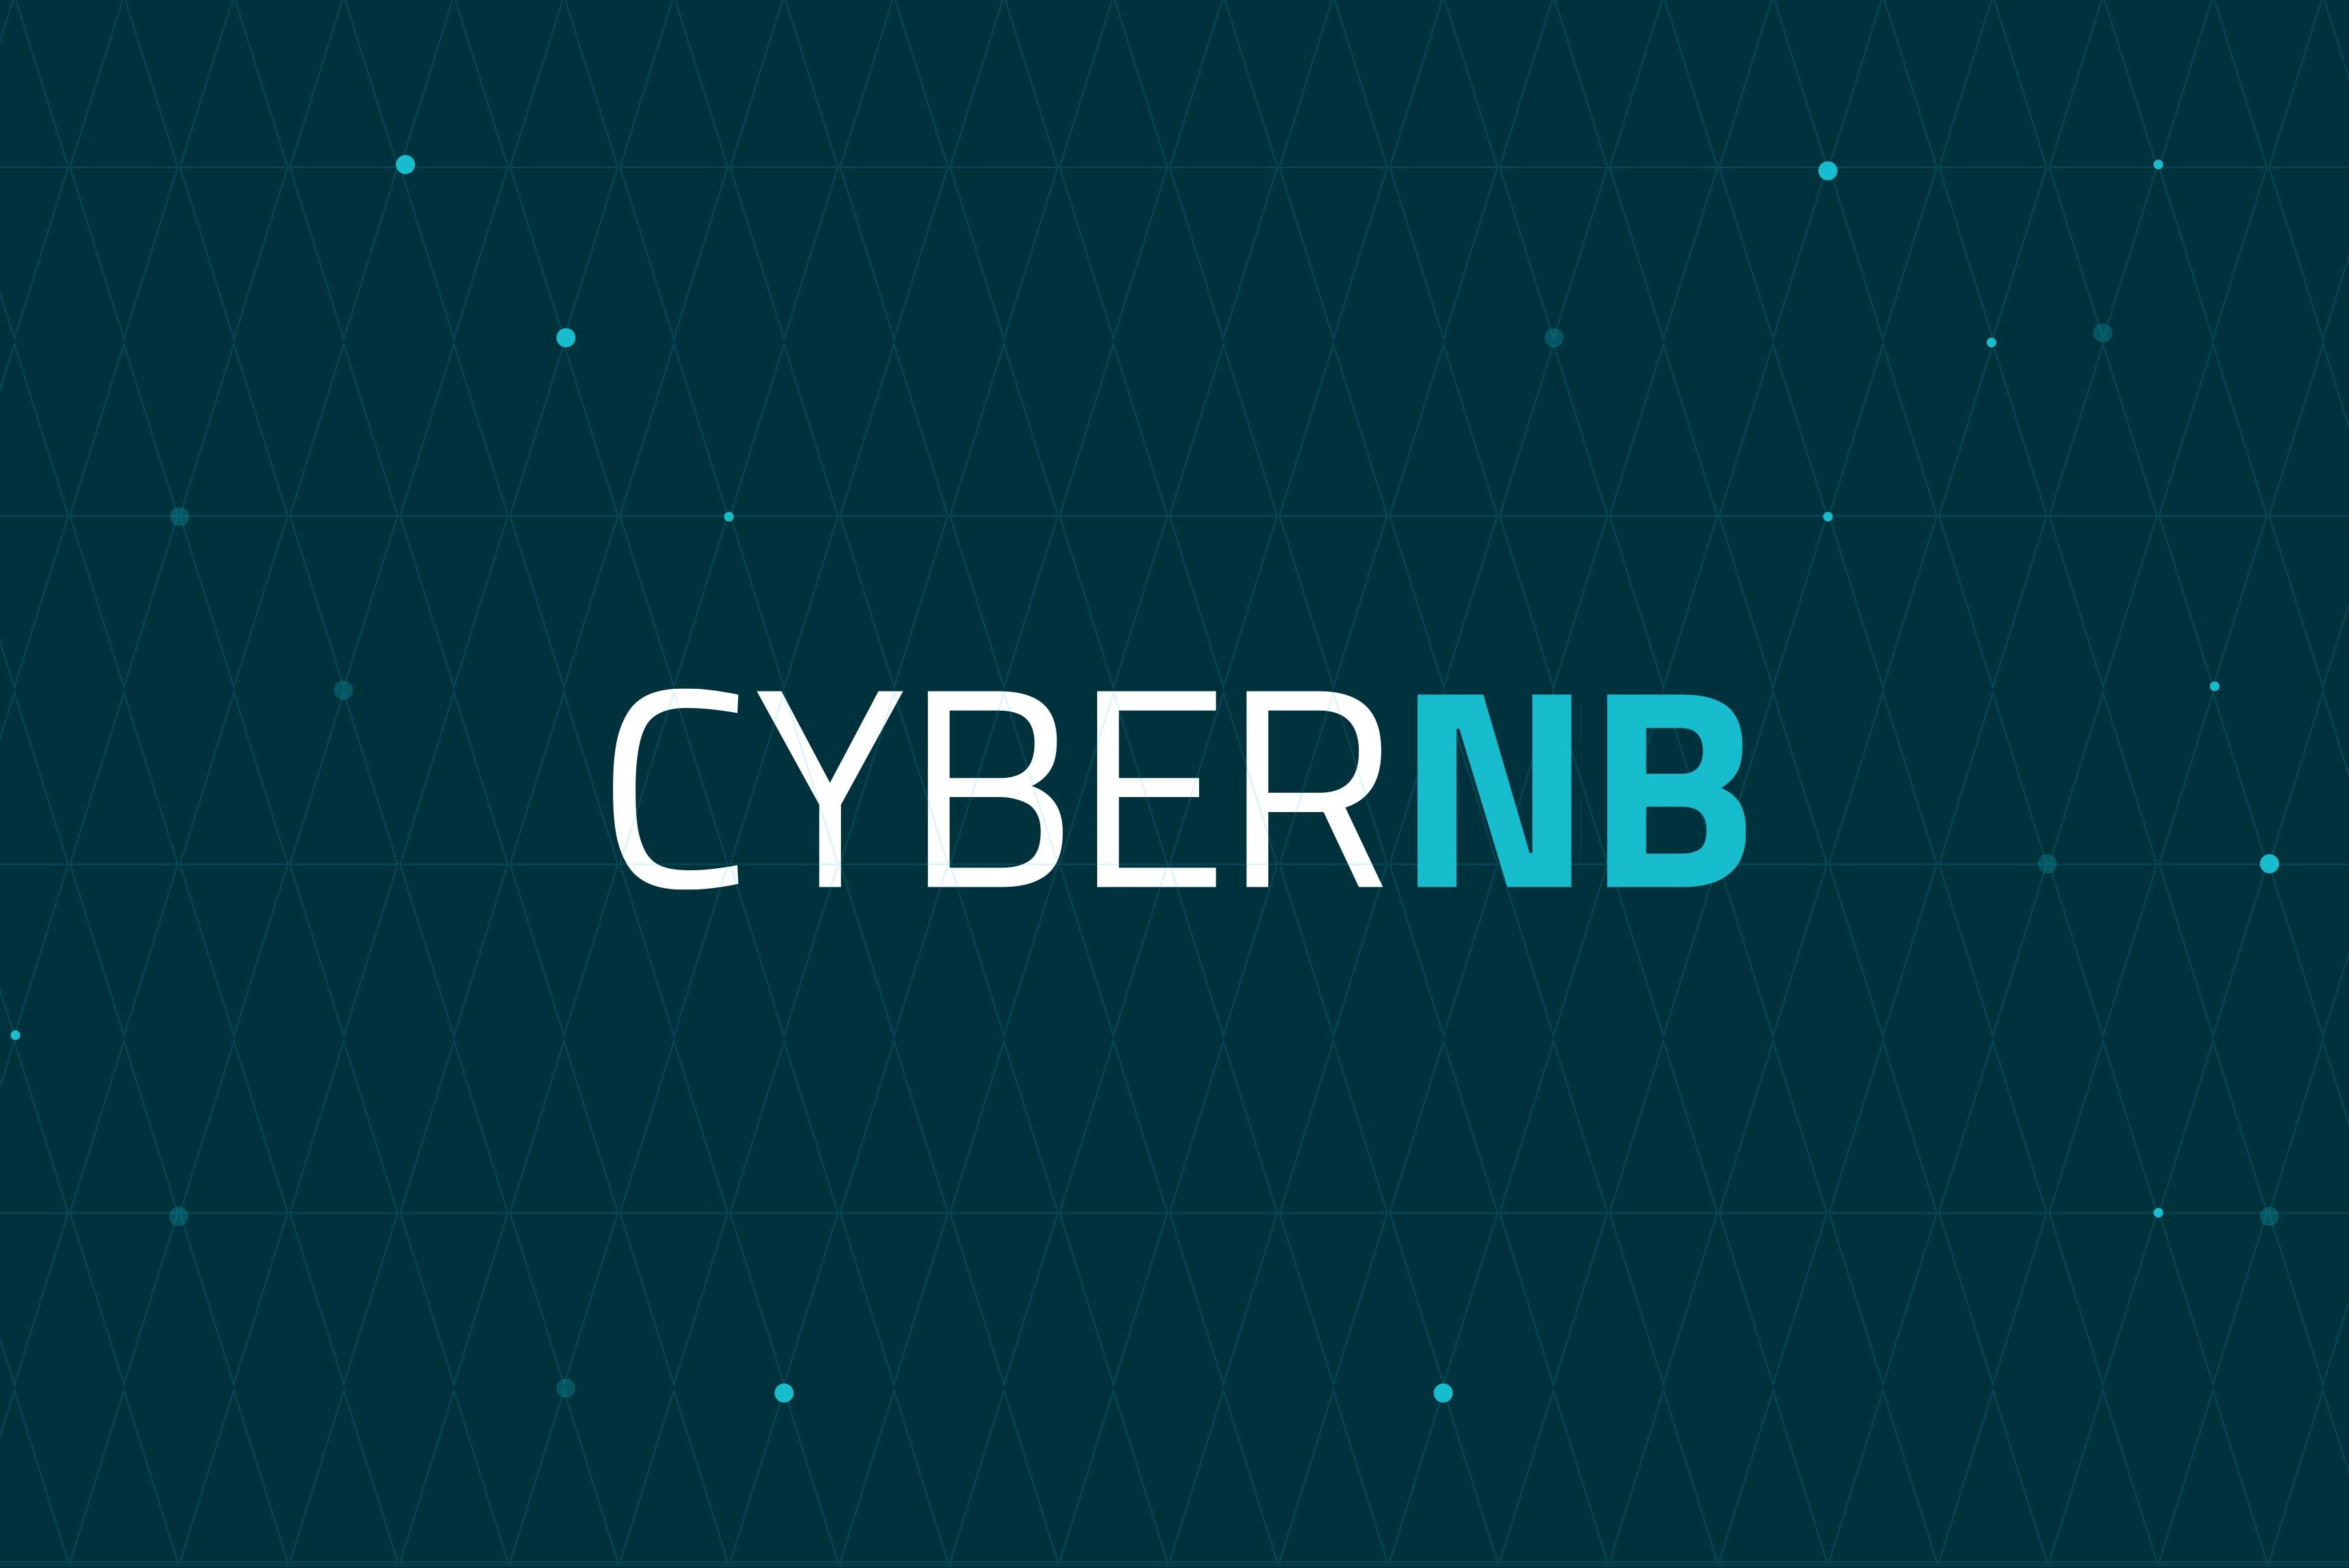 Cyber NB